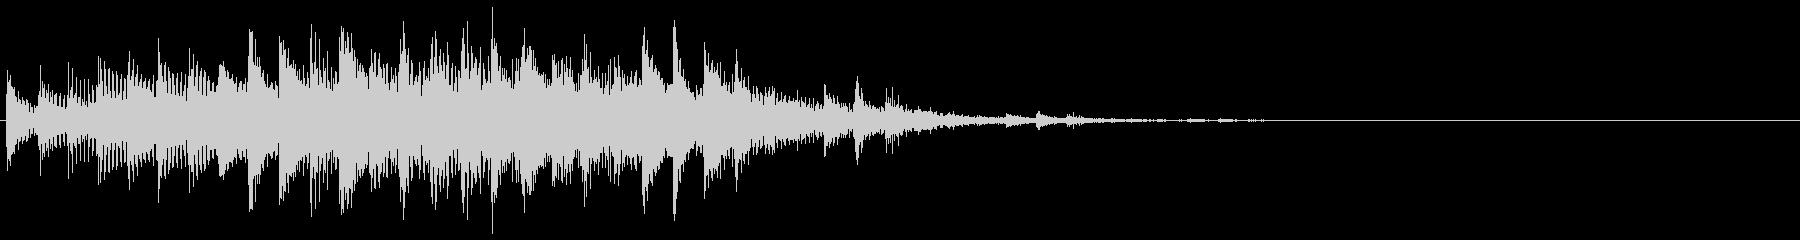 ビロリキャリ…(デジタル・アイキャッチ)の未再生の波形